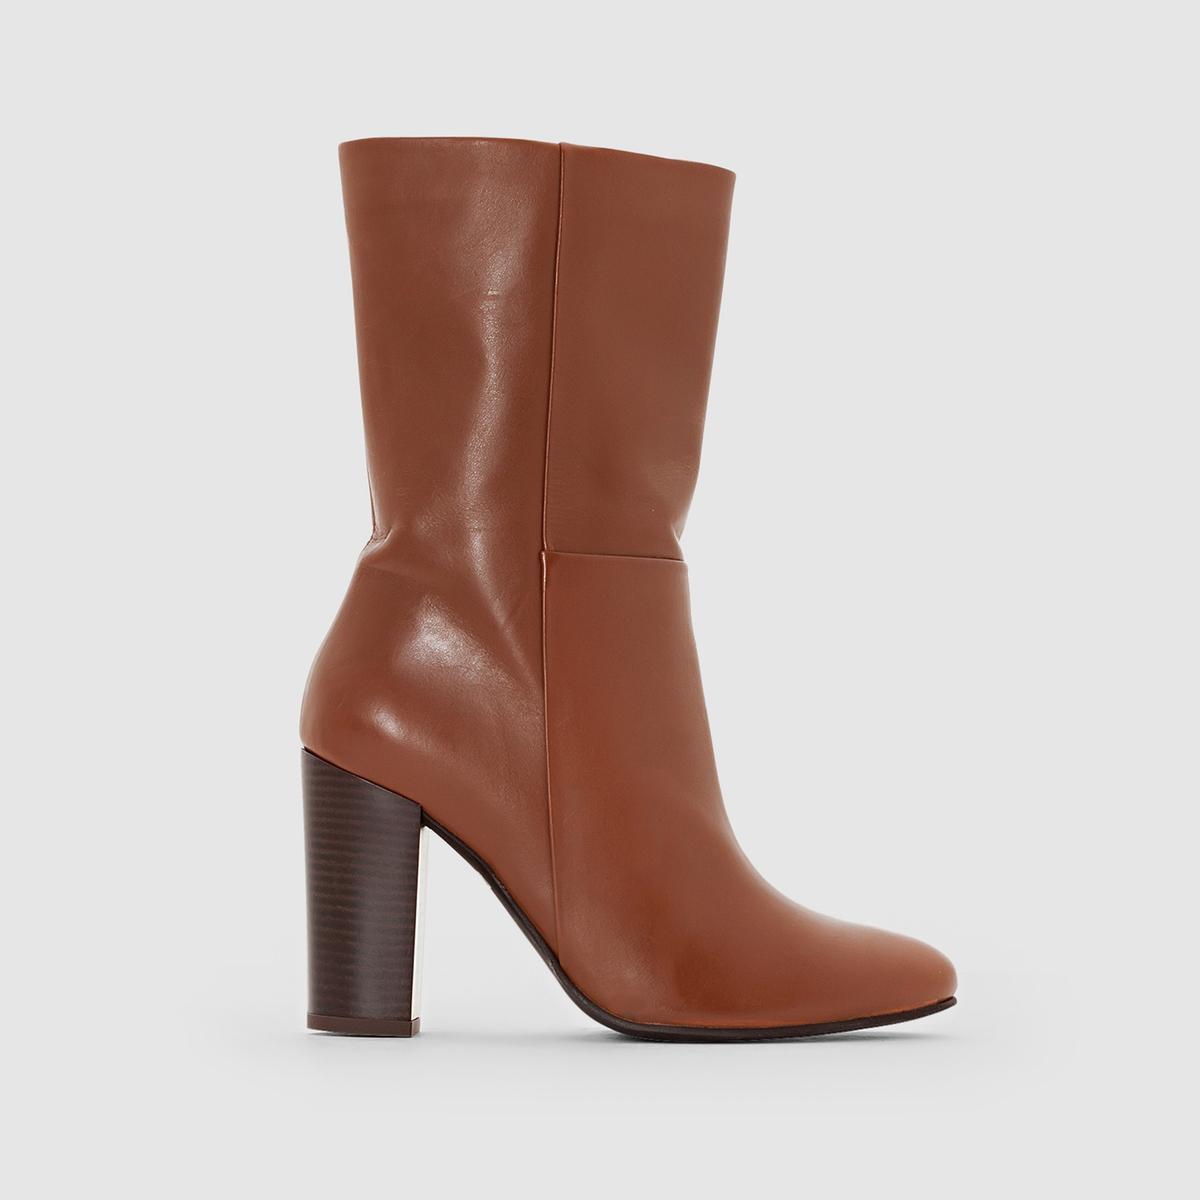 Сапоги из кожиПреимущества : сапоги из отличной кожи до середины икры, на высоком каблуке, с застежкой на молнию подойдут к любому наряду  .<br><br>Цвет: каштановый,черный<br>Размер: 36.37.37